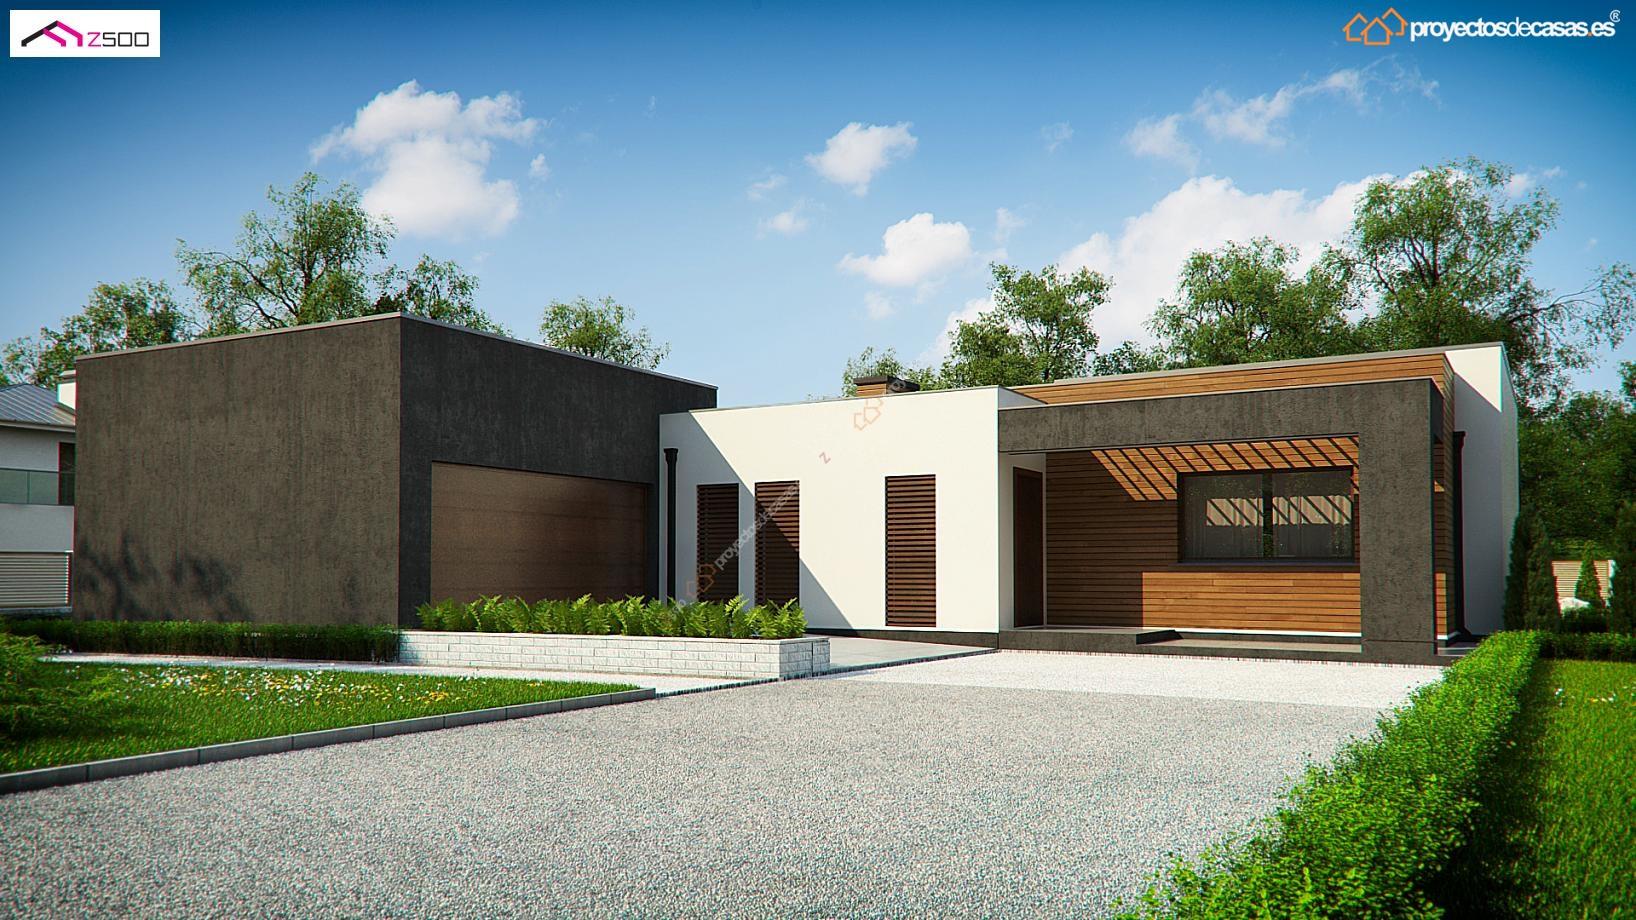 Casa unifamiliar de 1 planta proyectos de casas for Casas con planos y fotos